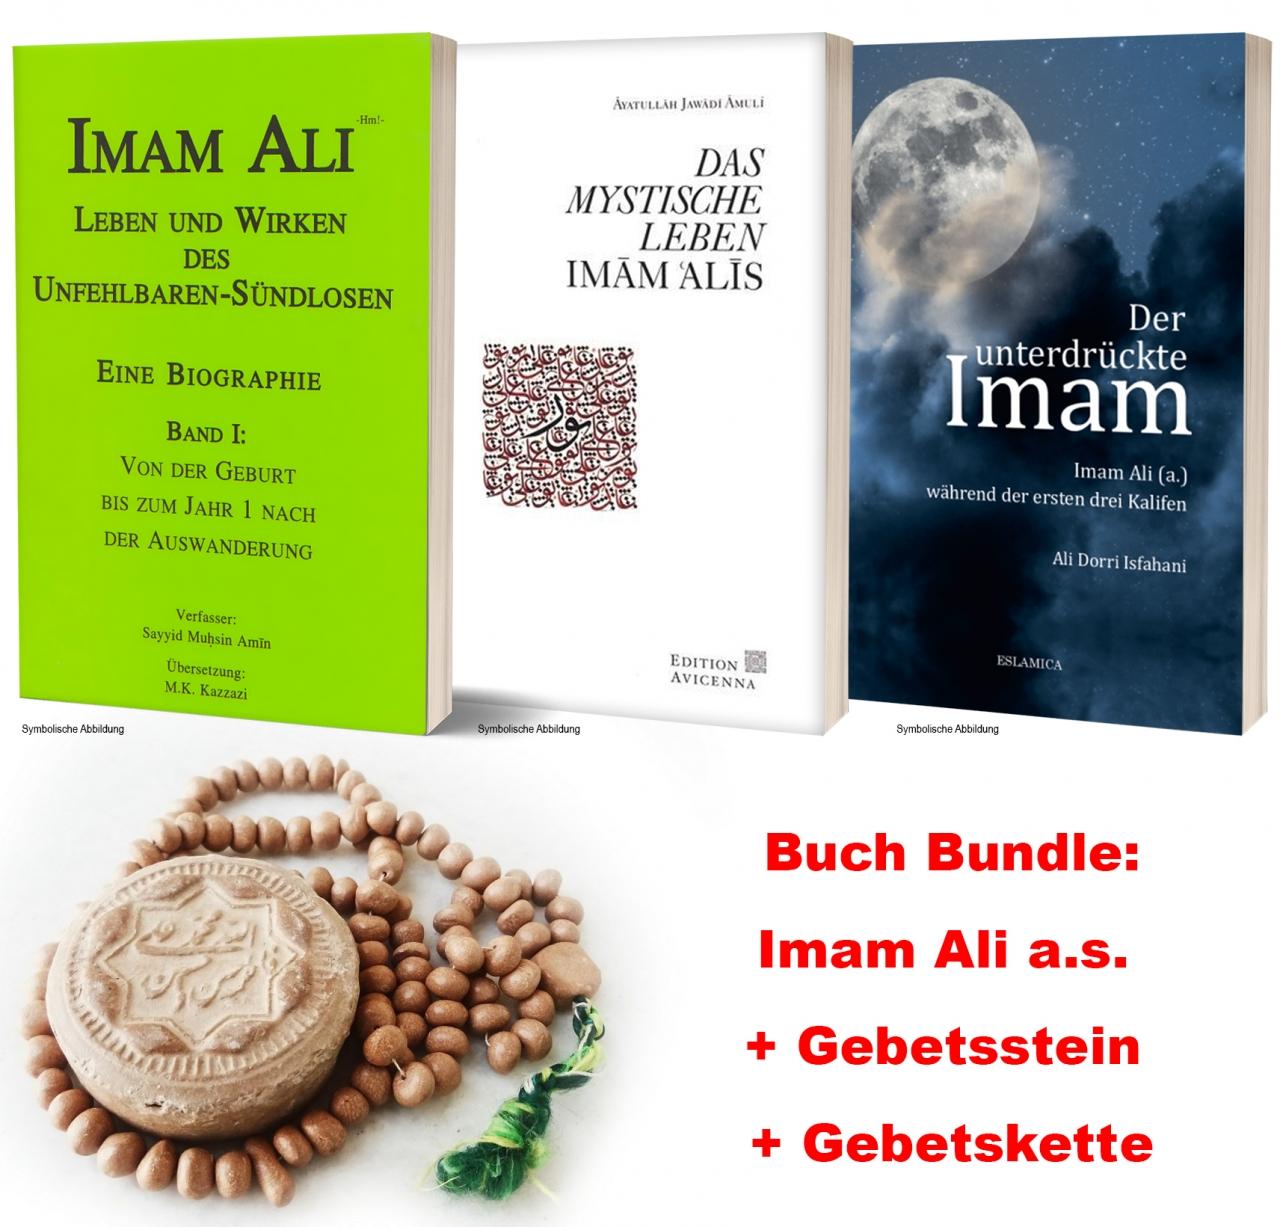 Imam Ali Bücher Bundel 3 Bücher Mystische Leben + Lebensbiographie + Unterdrückte Imam Ali